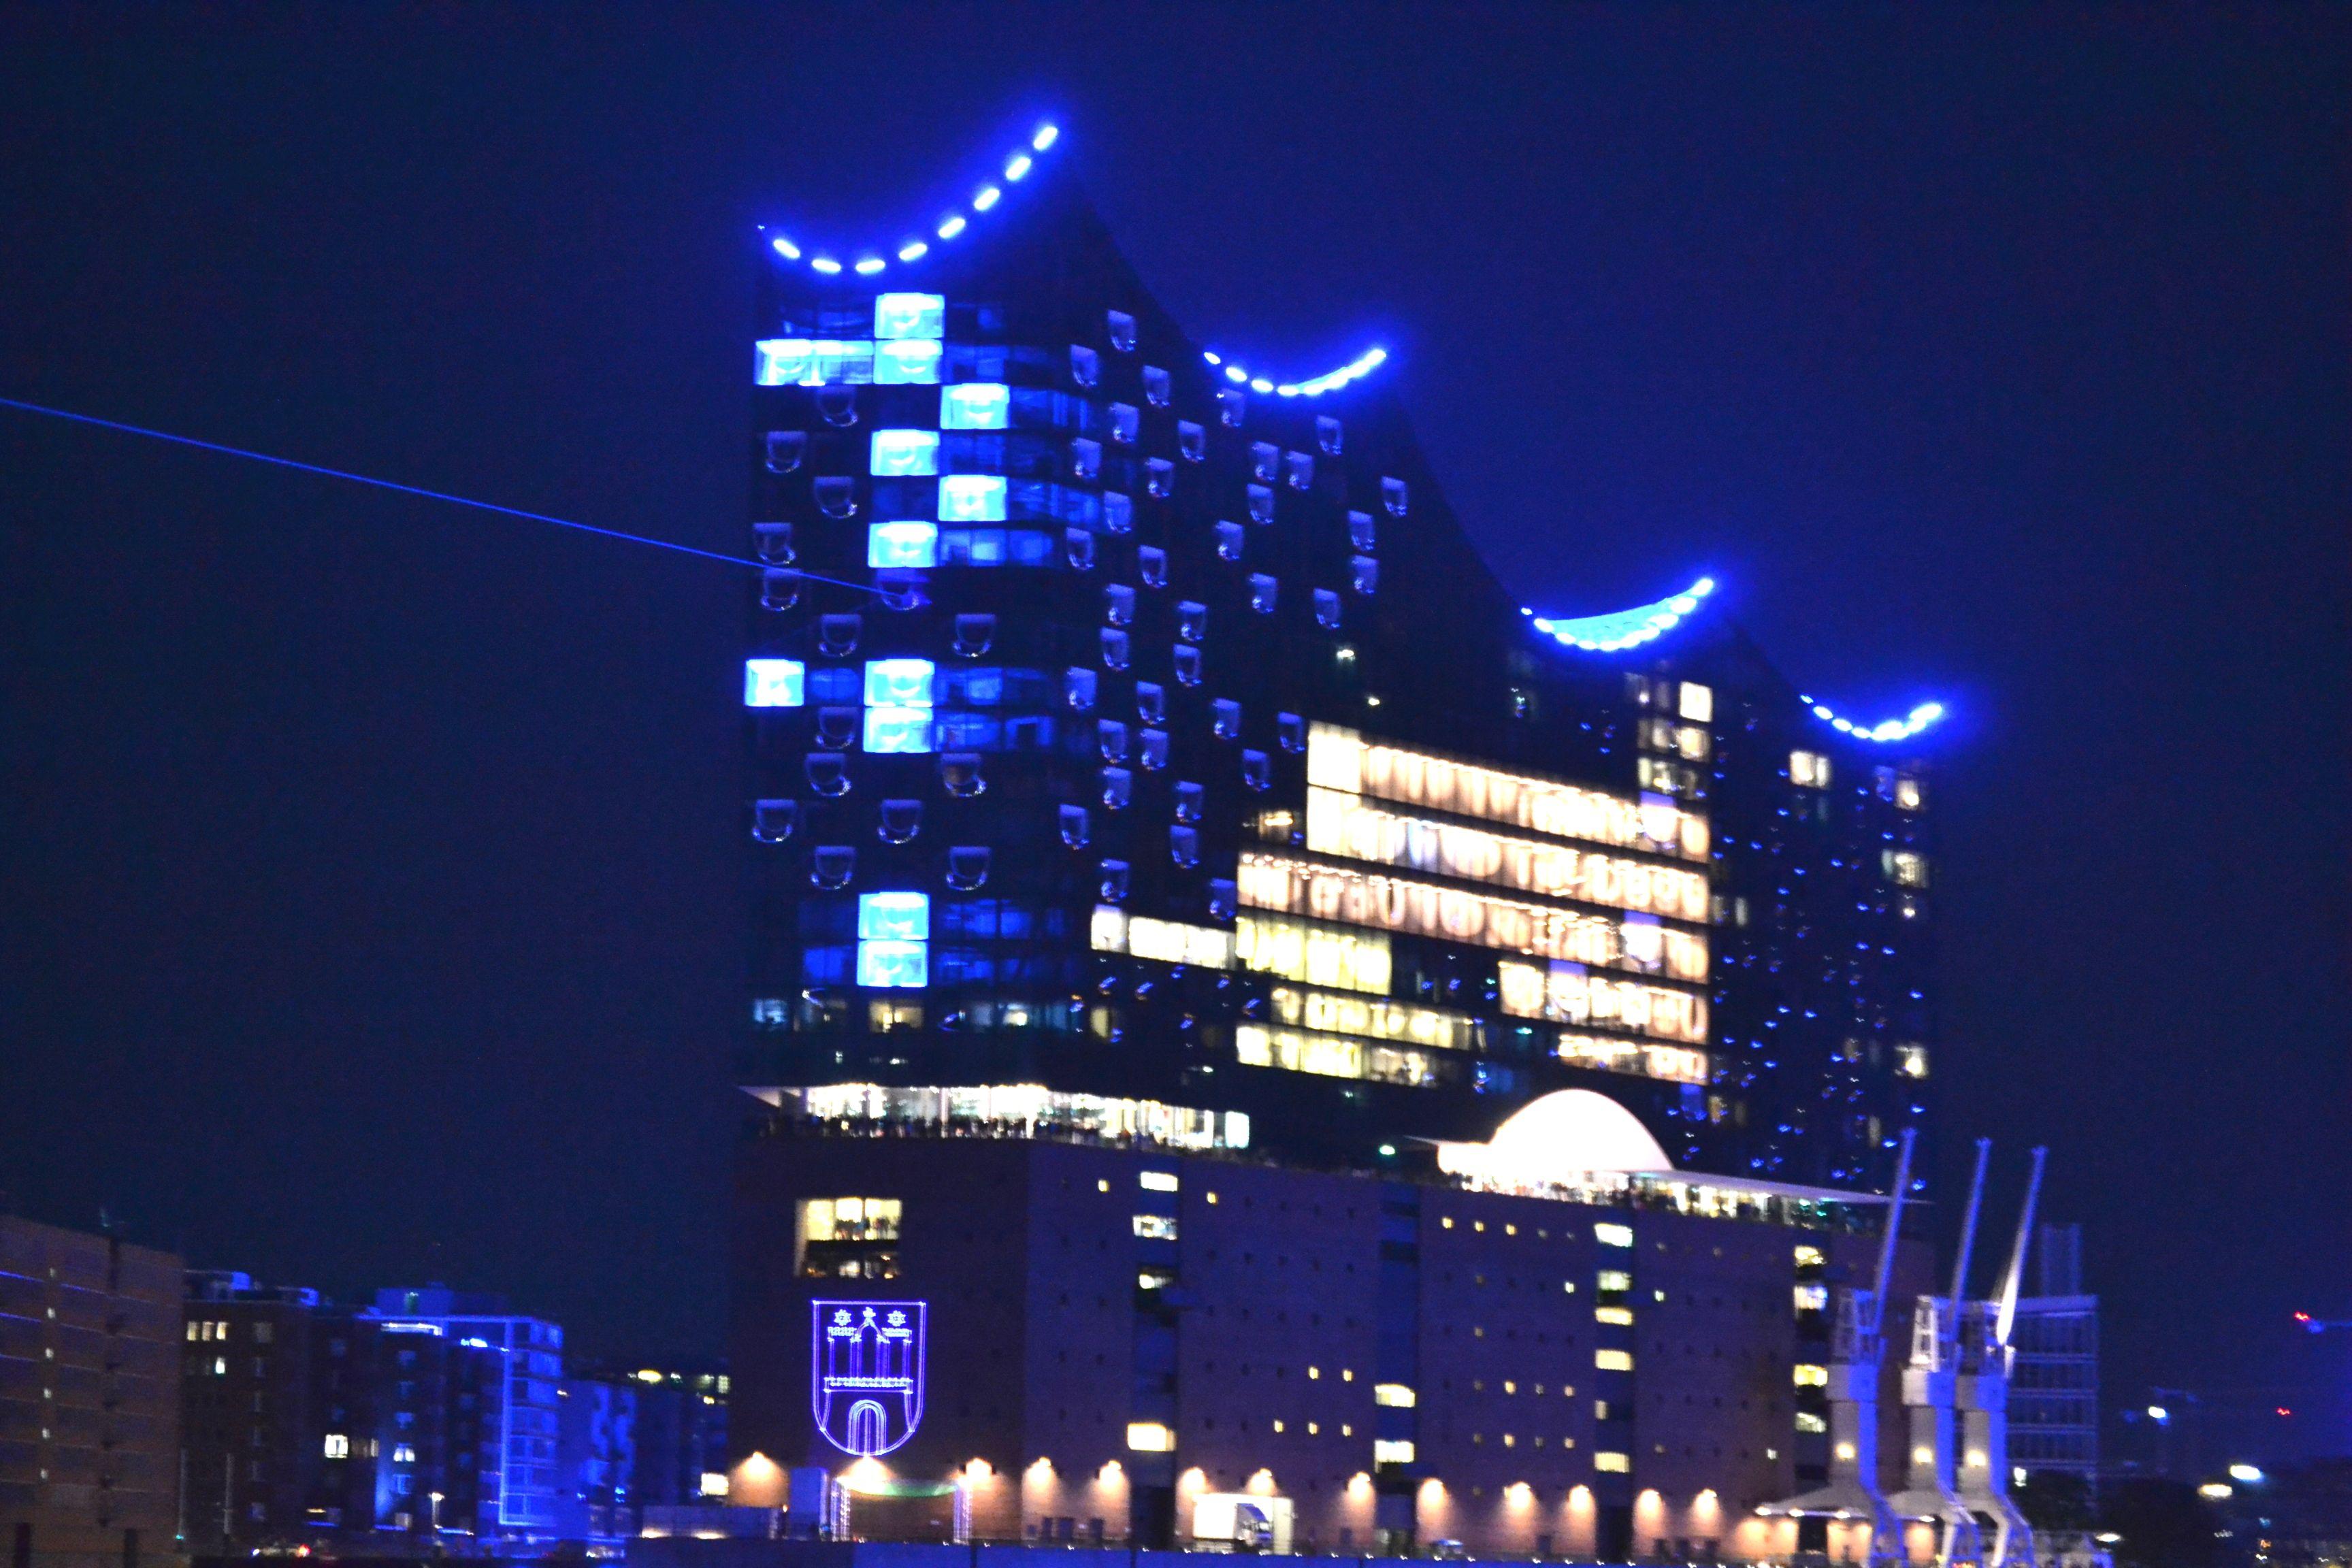 Elbphilharmonie Fuhrung Auf Der Plaza Hamburg Sehenswurdigkeiten Hamburg Hafen City